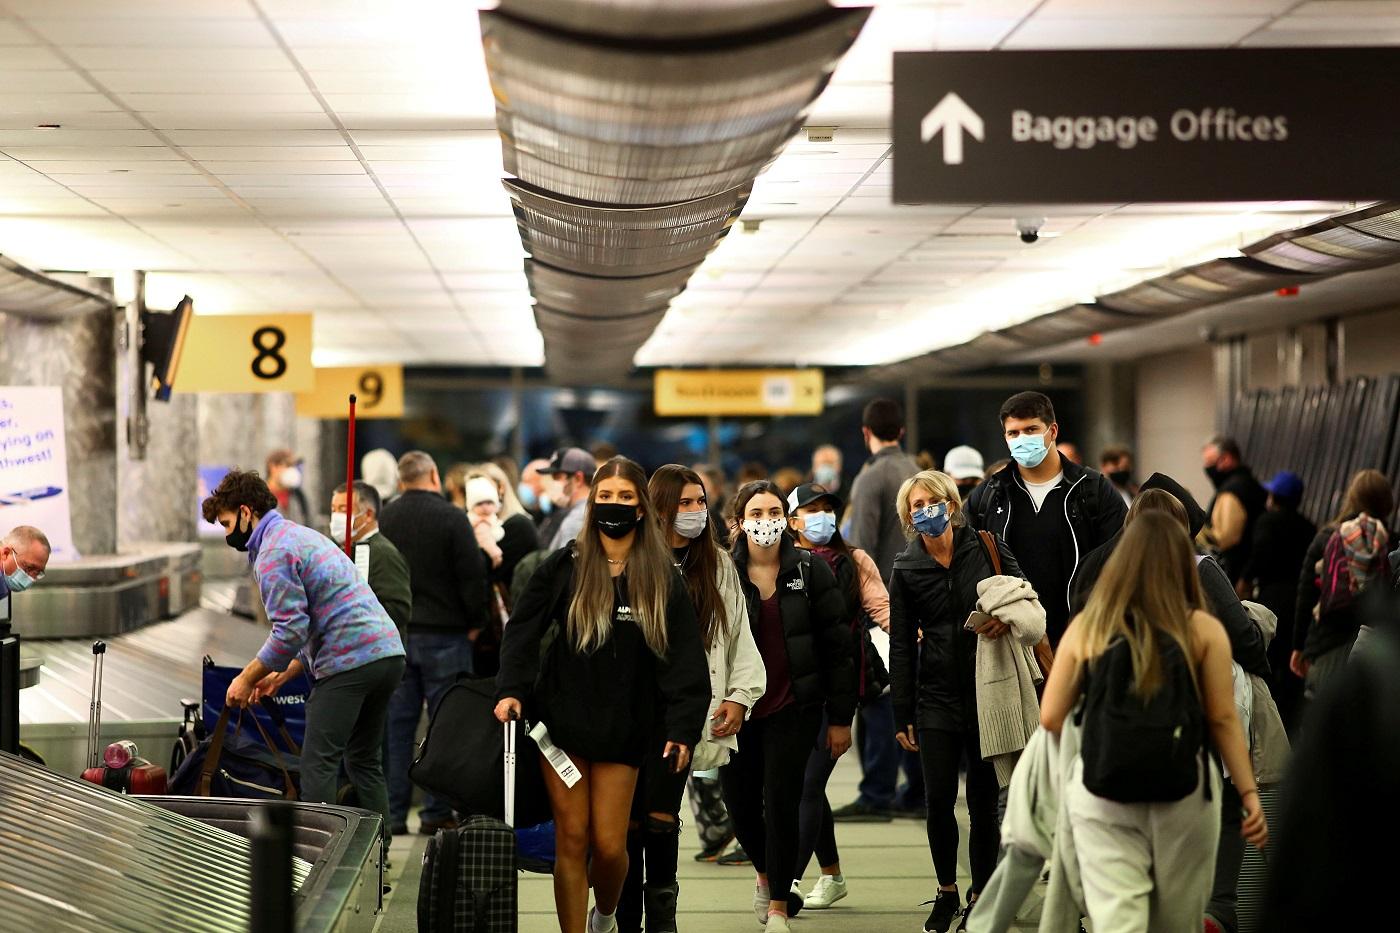 Movimentação no aeroporto em Denver, Colorado, nos Estados Unidos